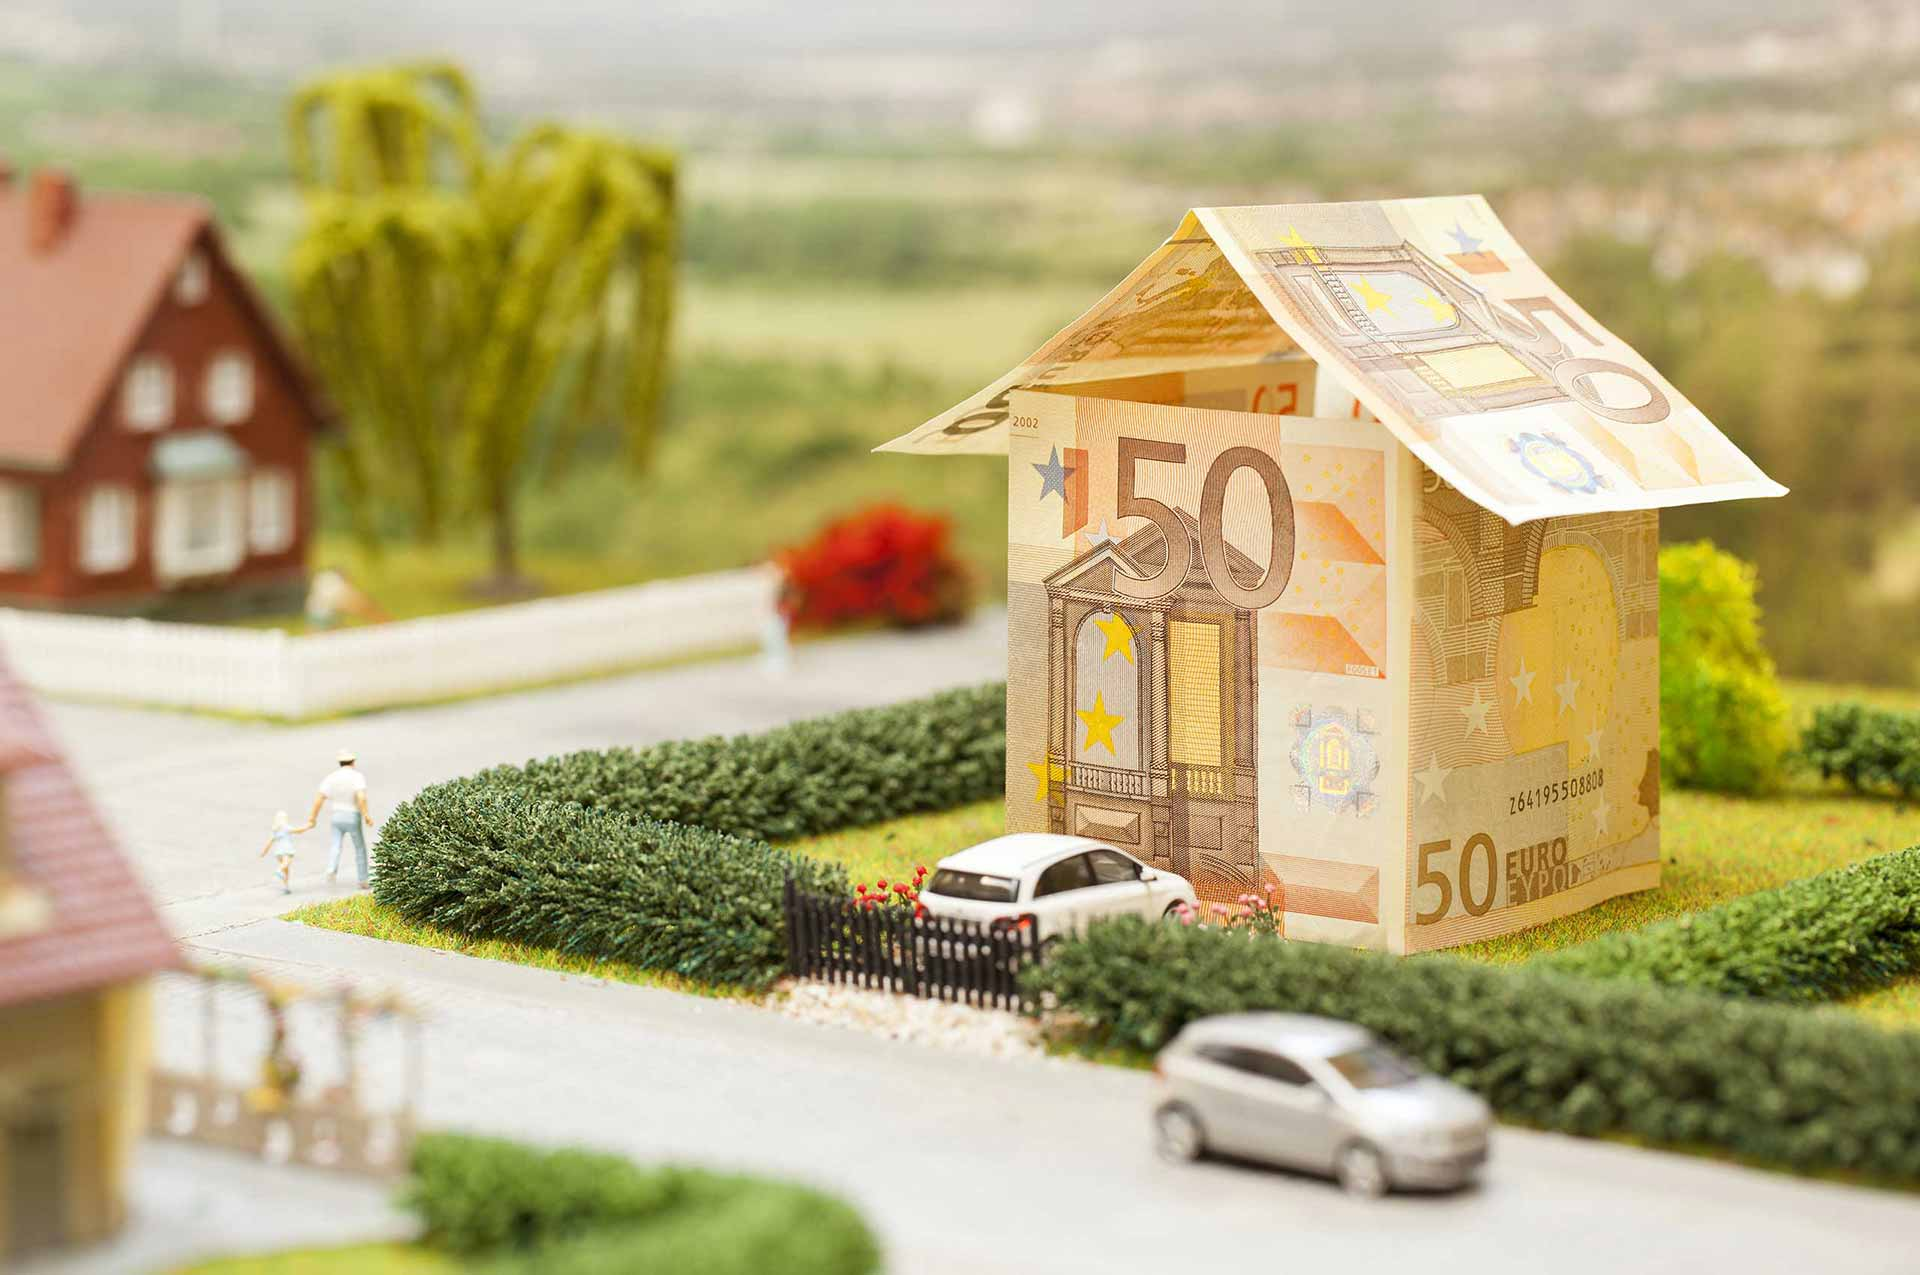 Immobilienmakler Hameln - Immobilienverkauf zum richtigen Preis